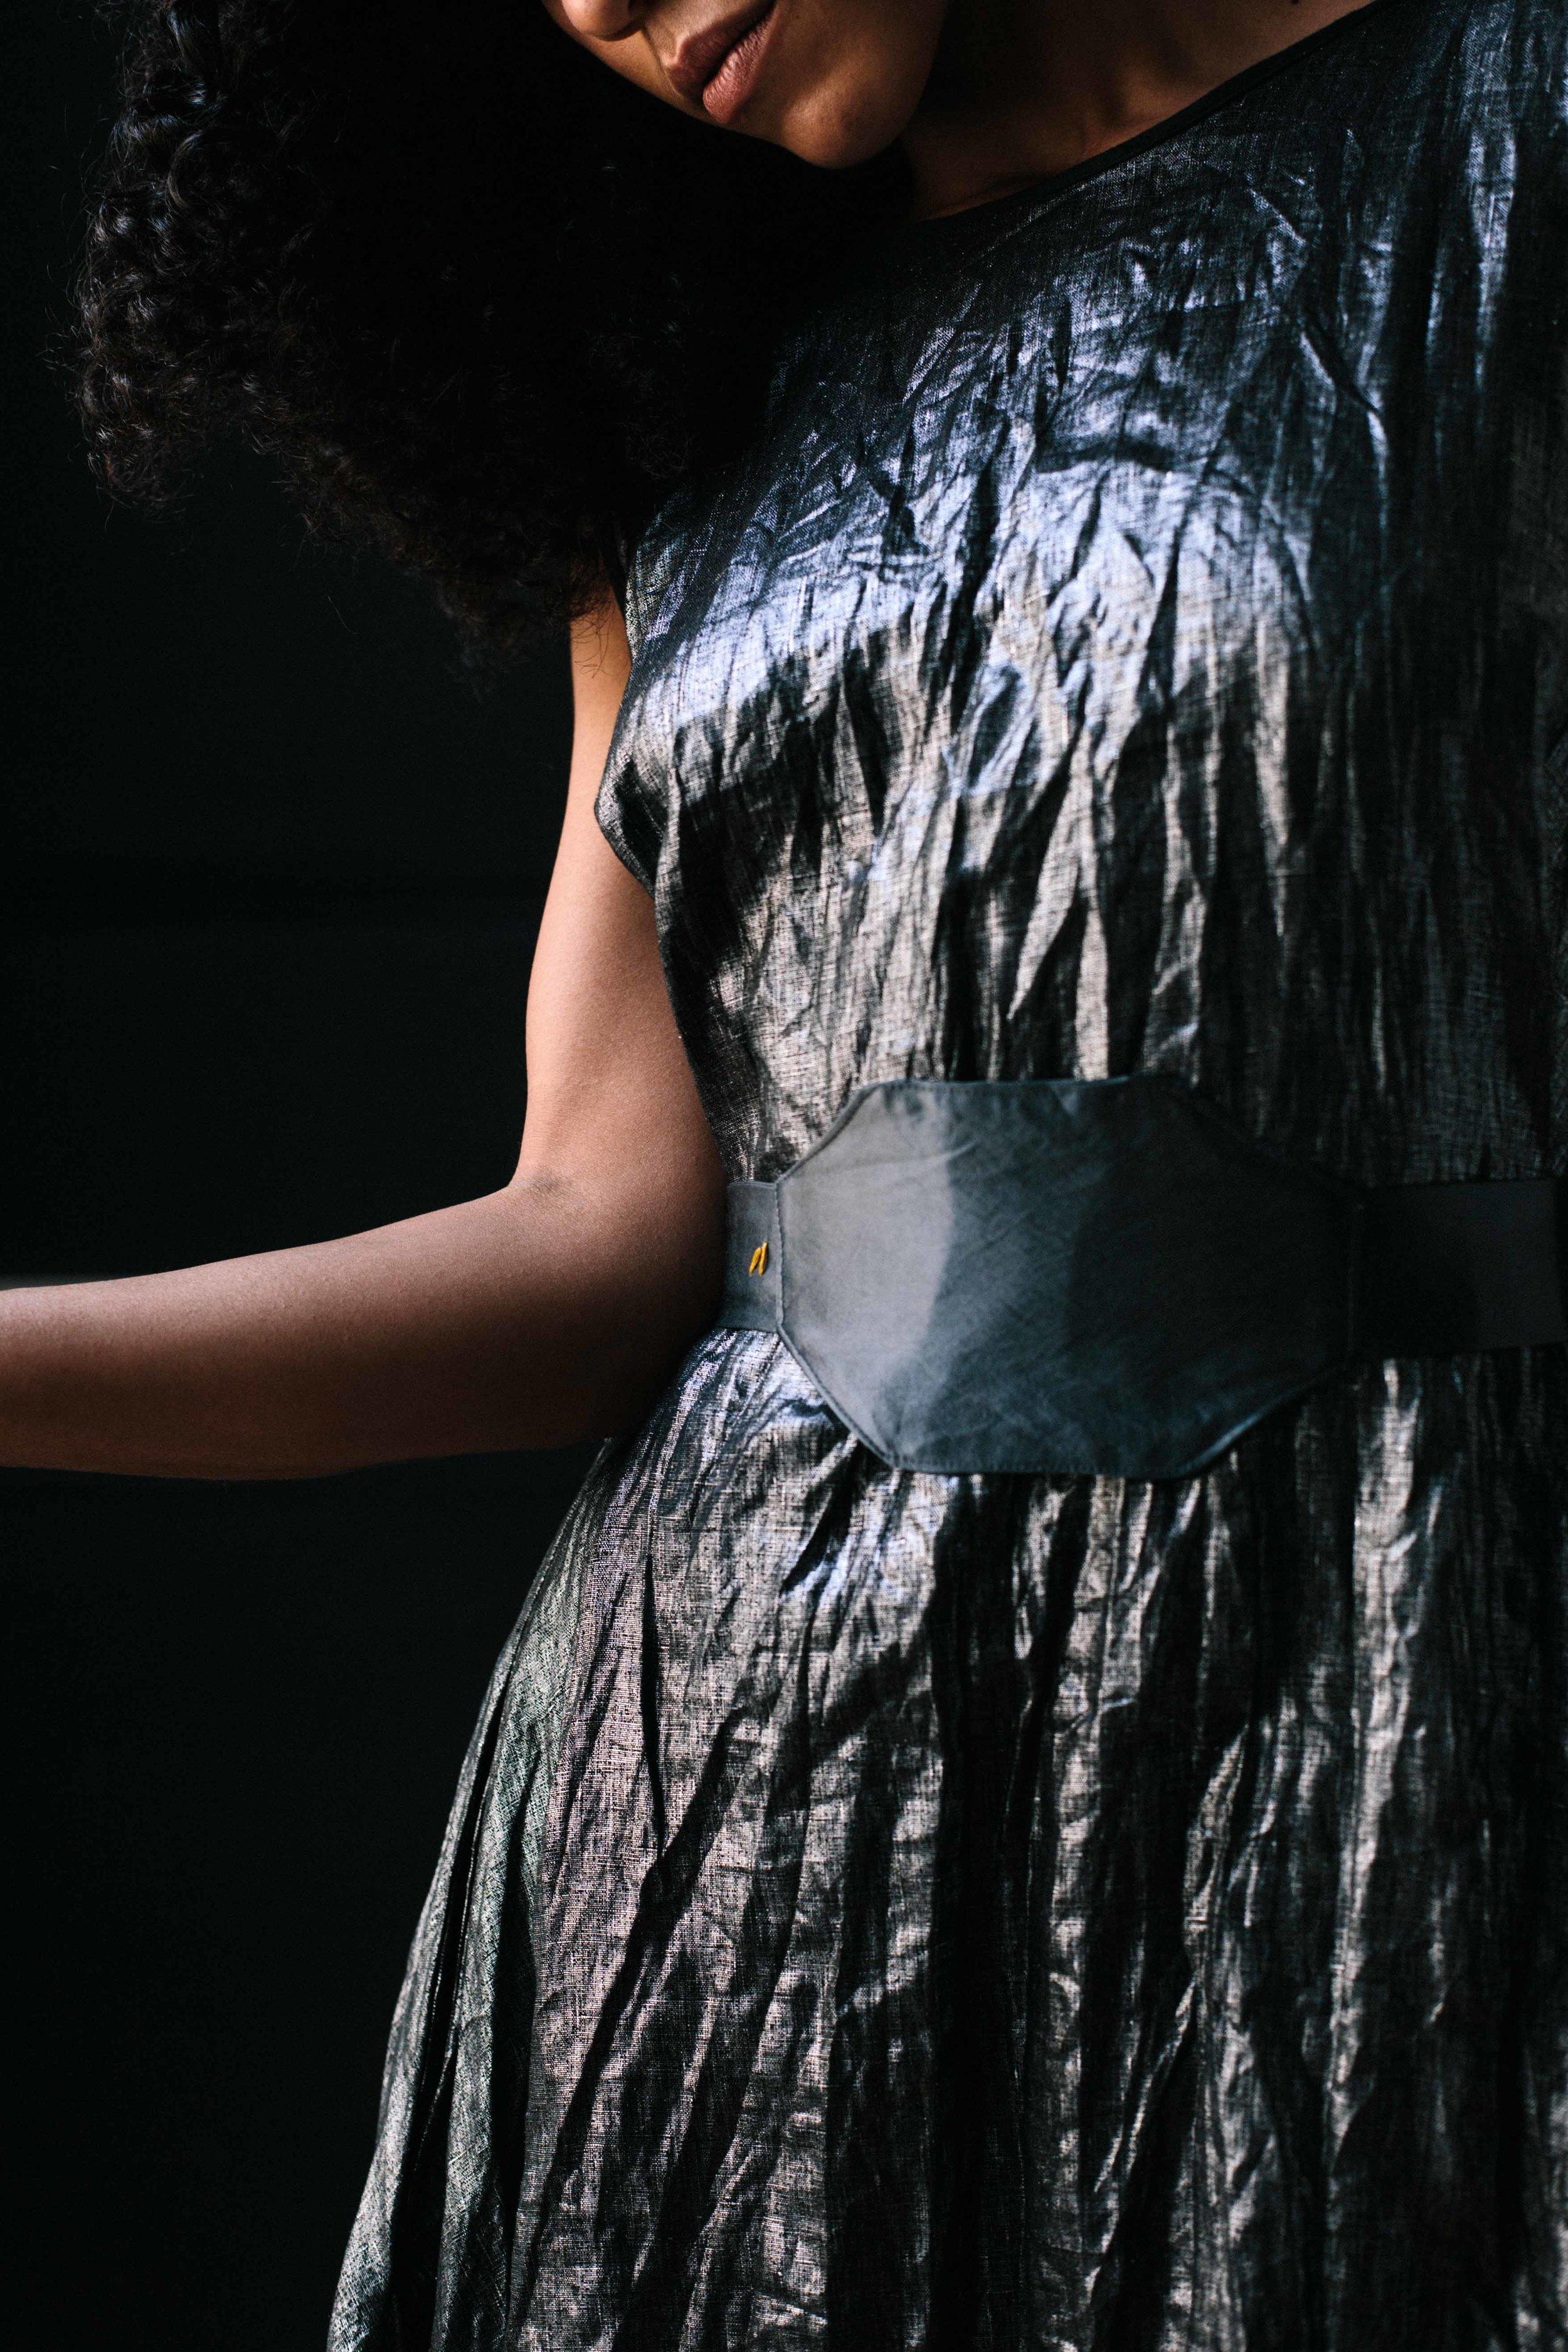 NourHage_LookBook_Finals-0900.jpg